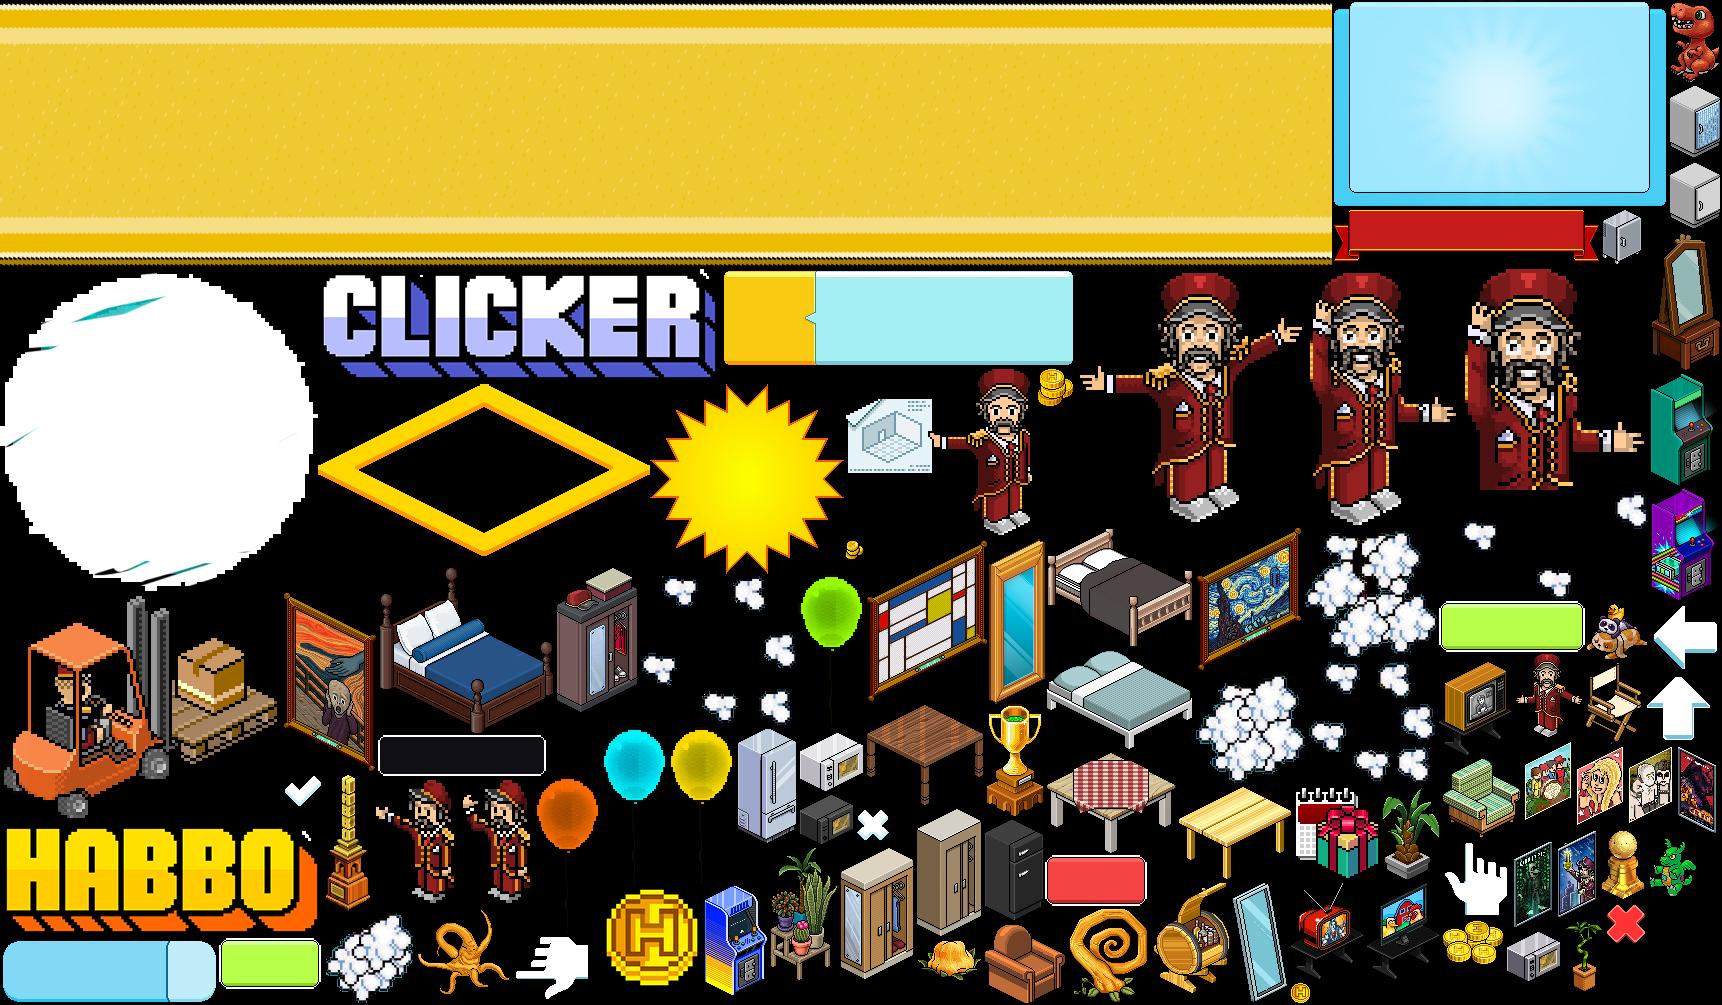 """Prova il nuovo gioco """"Habbo Clicker"""" in HTML5 - Pagina 2 Atlas_13"""